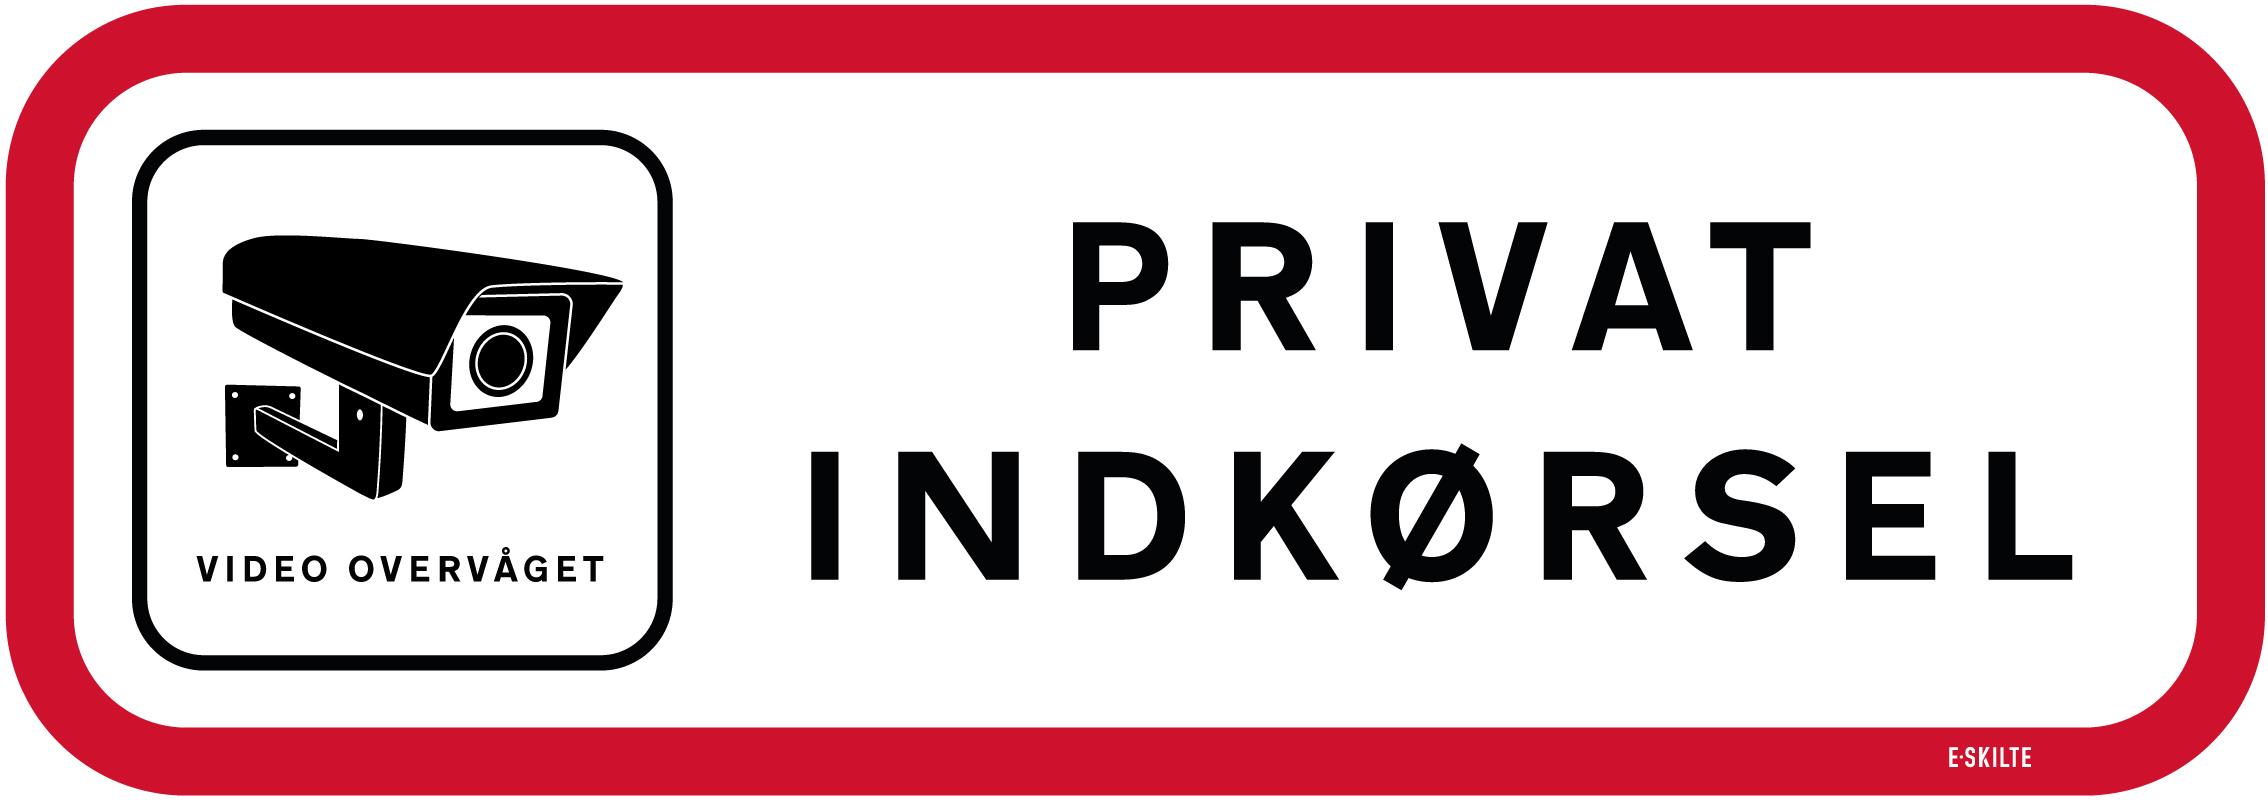 Privat indkørsel skilt